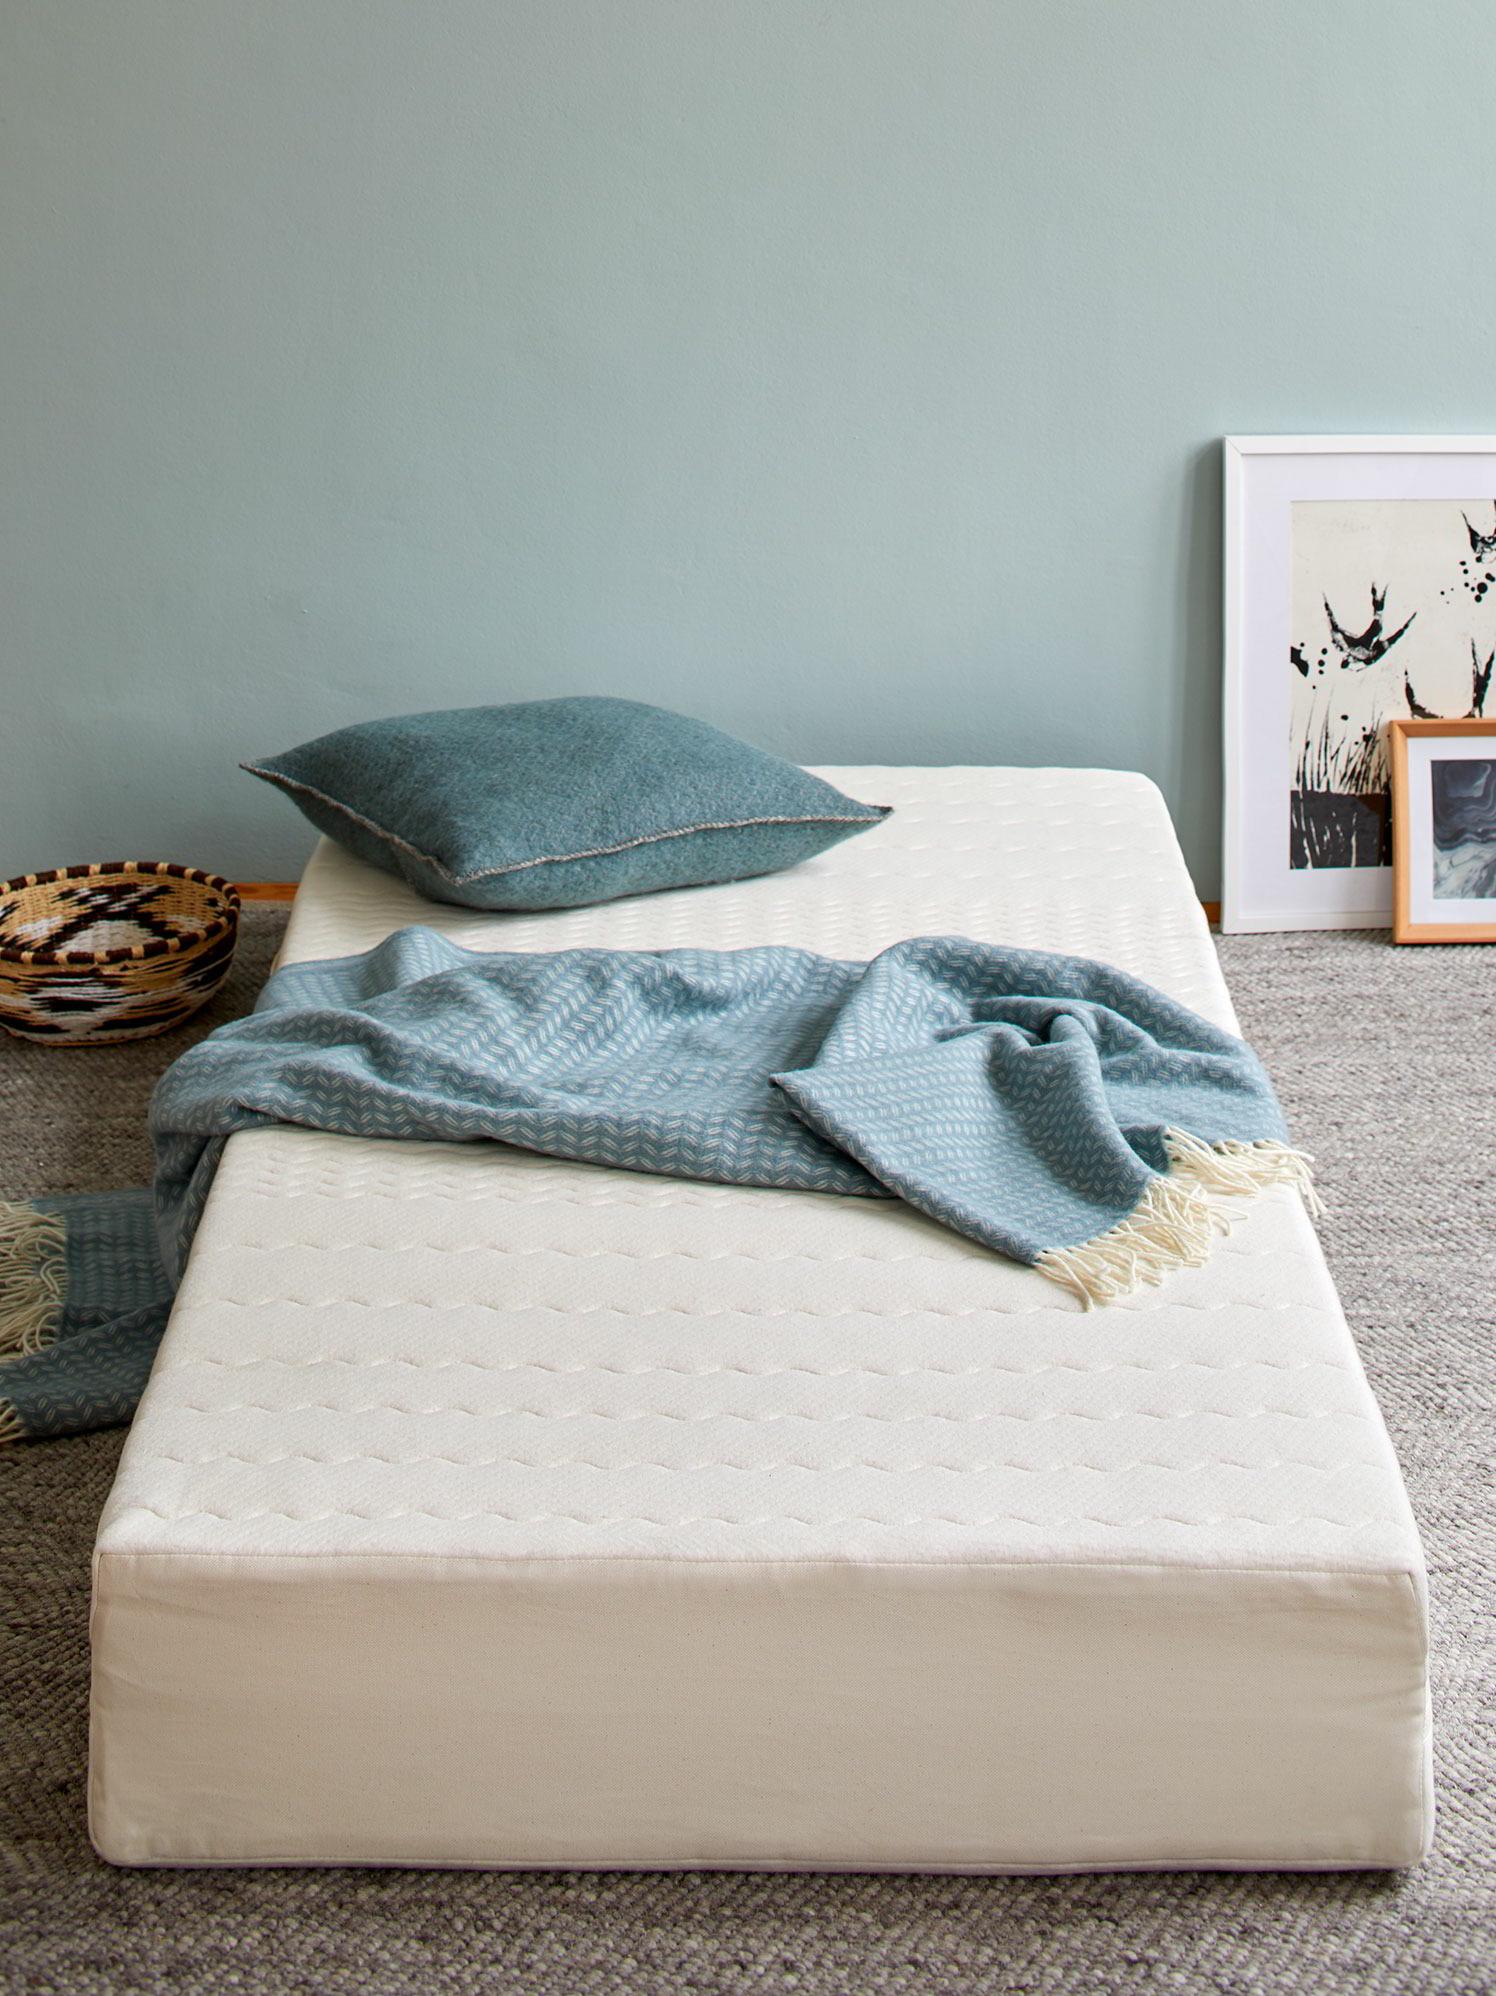 matratze wolke von eden nat rliche klimaanlage gr ne. Black Bedroom Furniture Sets. Home Design Ideas